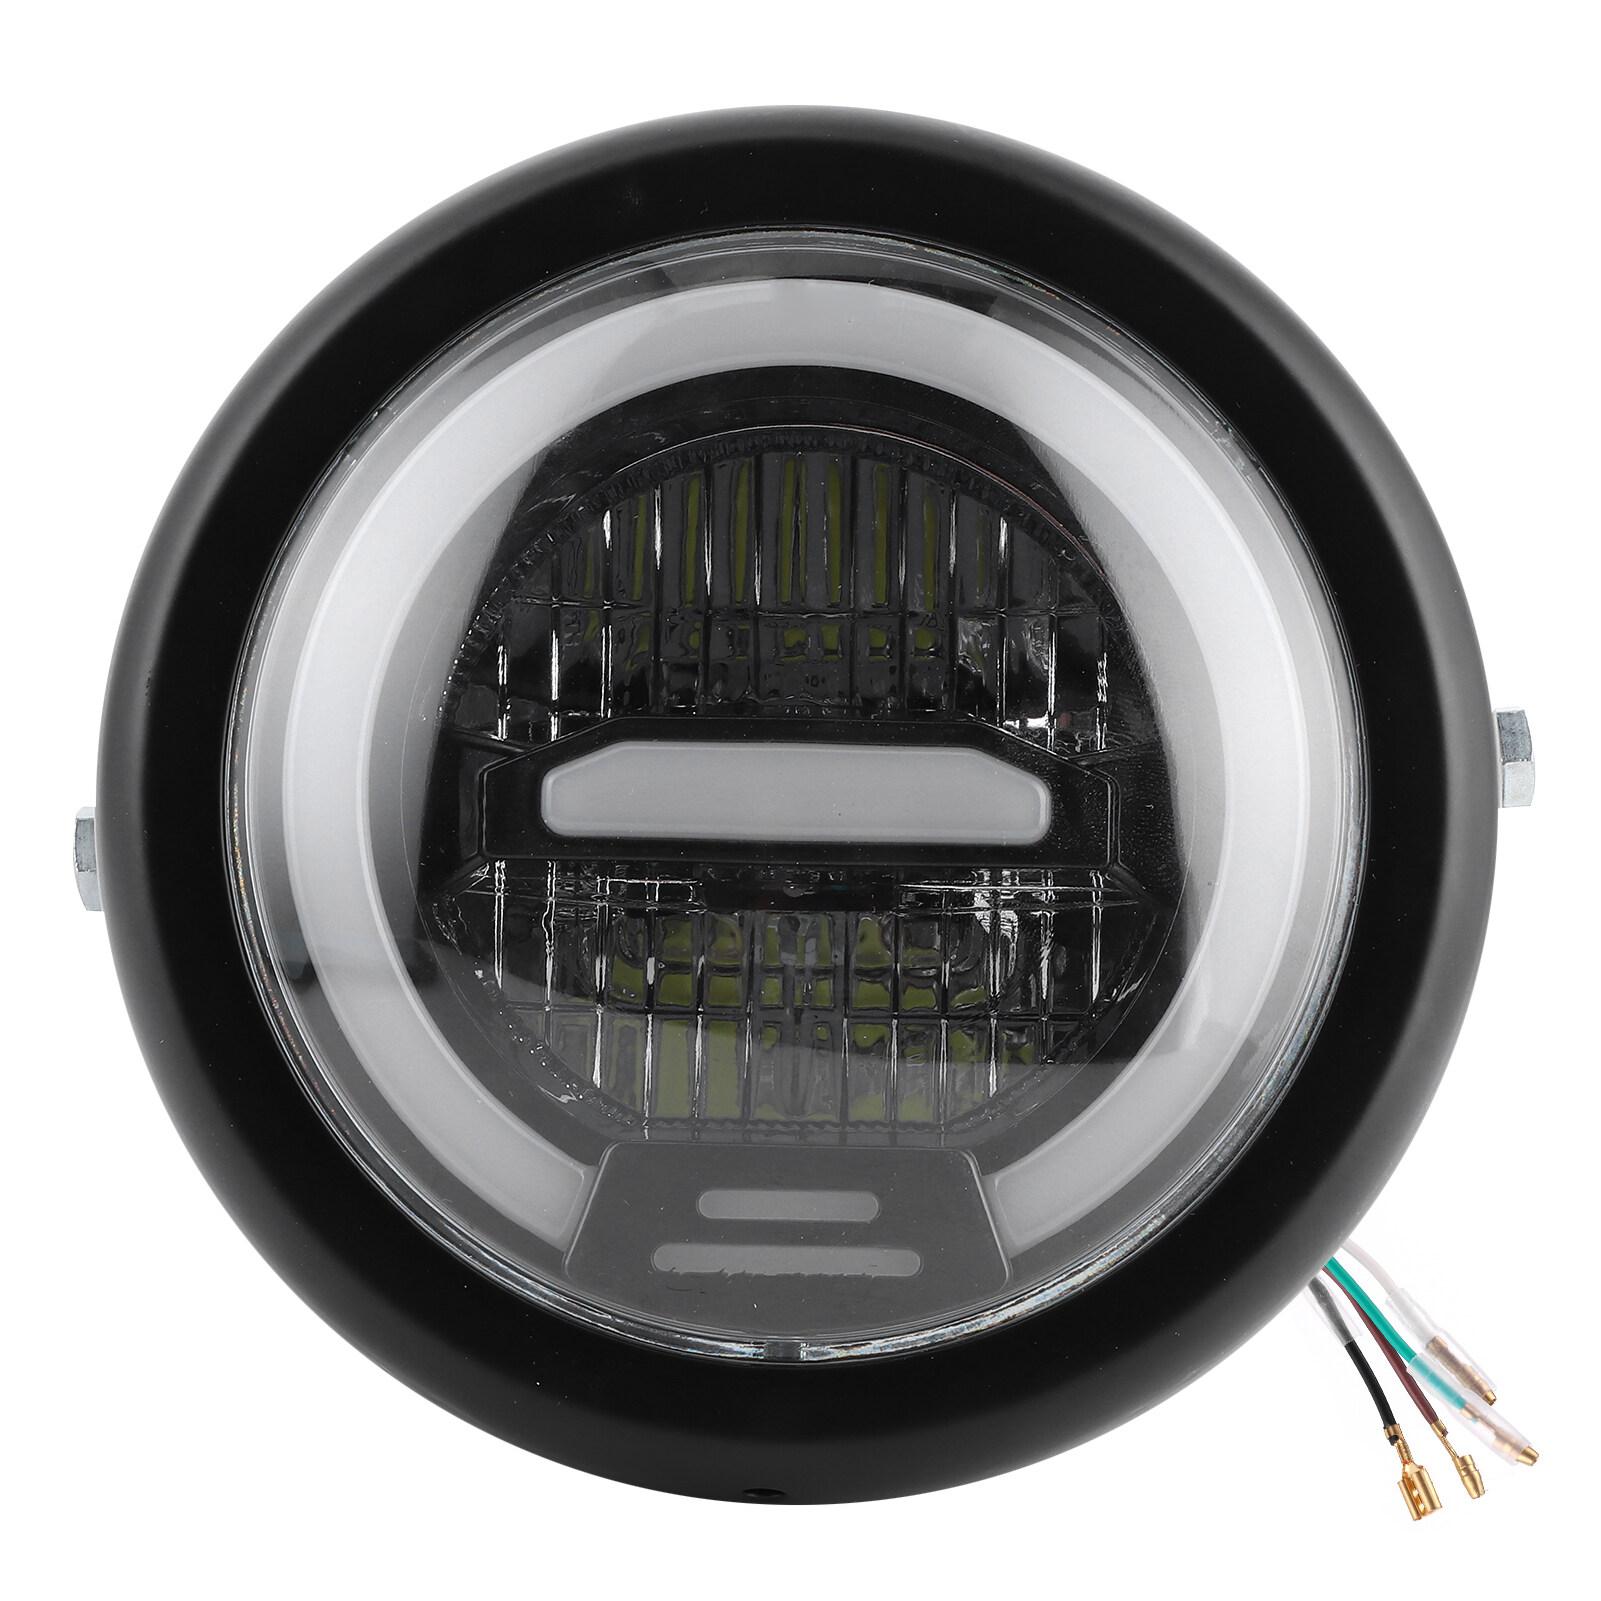 Đèn pha led sáng phong cách cổ điển thông dụng cho xe máy, đèn trước hình tròn  xe máy - Sắp xếp theo liên quan sản phẩm